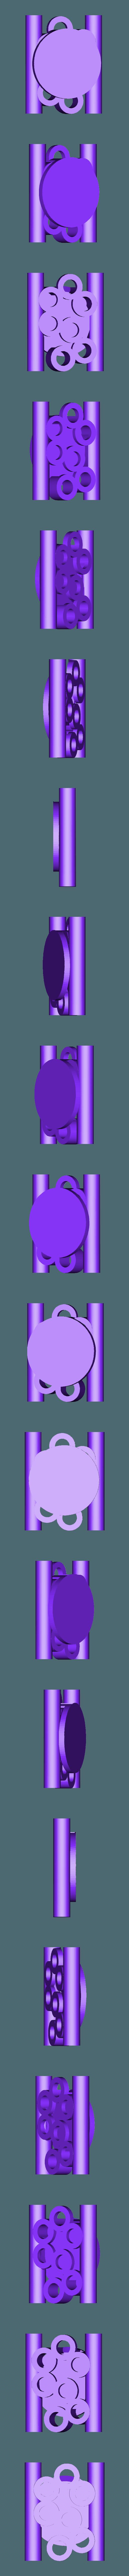 modularbubblebraceletev4captivebattery4.stl Télécharger fichier STL gratuit Bracelet à Bulles Modulaire • Objet imprimable en 3D, Urgnarb